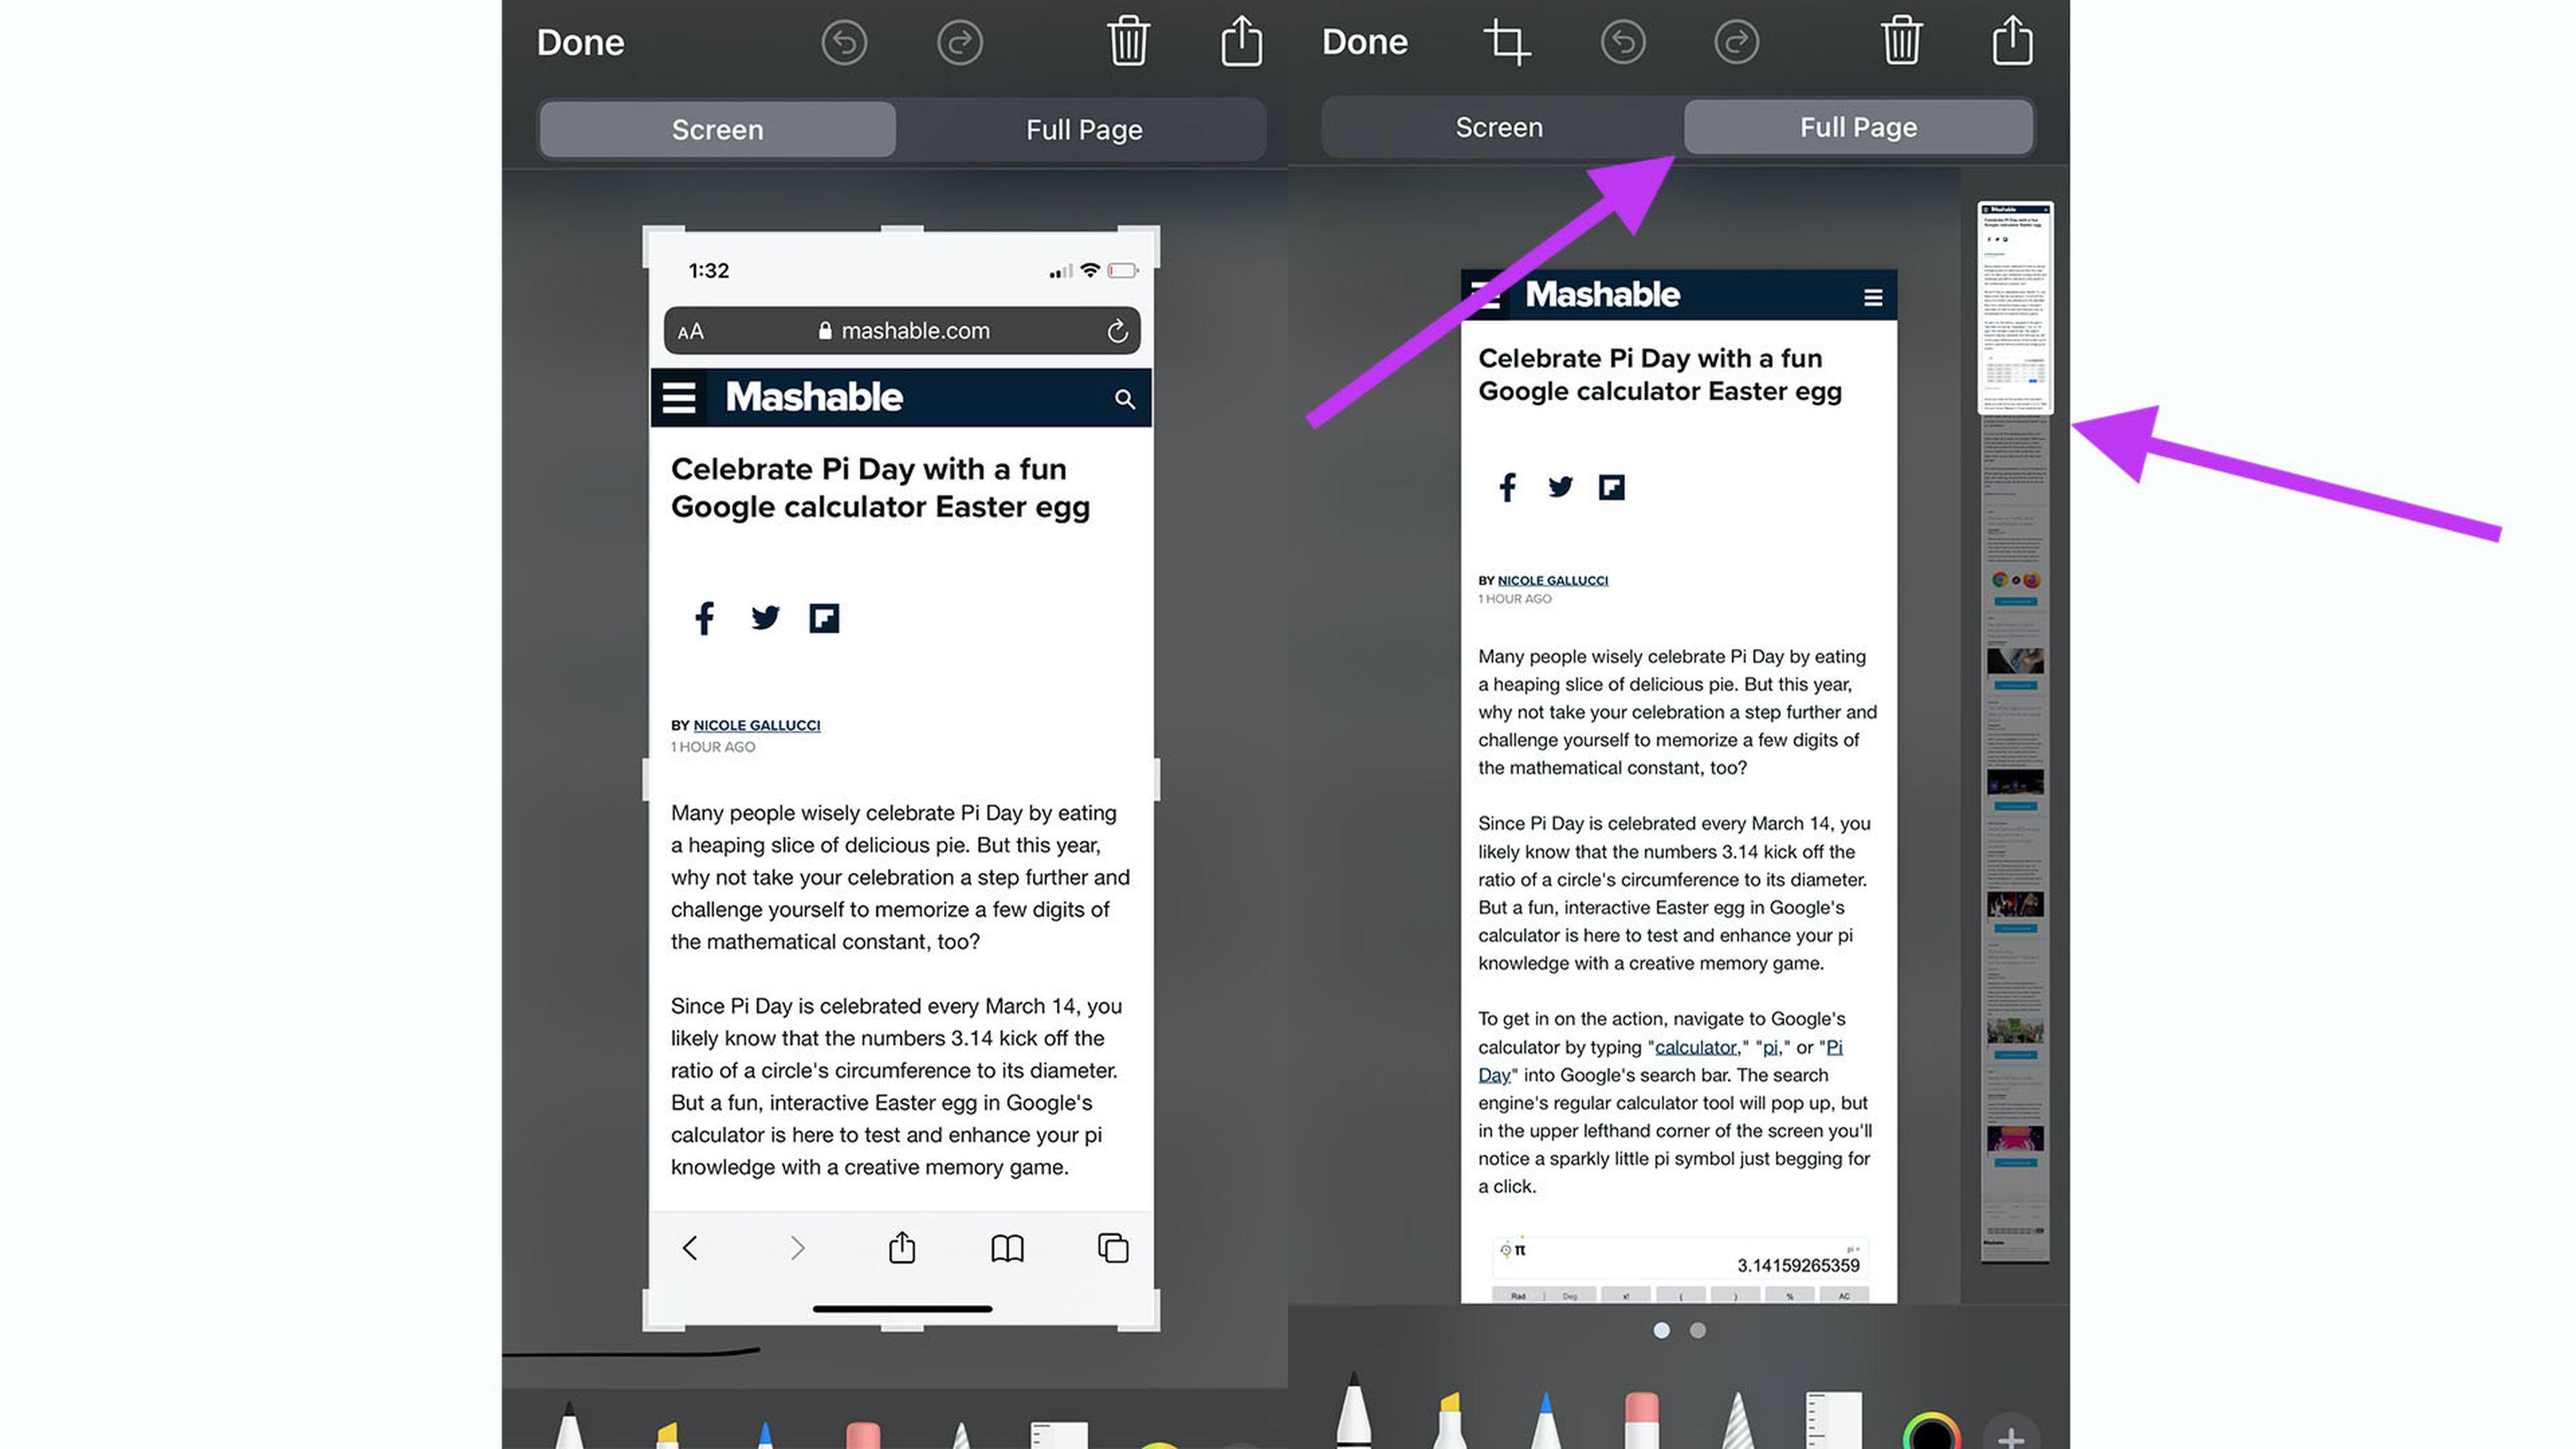 Les utilisateurs de TikTok apprennent aux propriétaires d'iPhone comment capturer une page Web entière